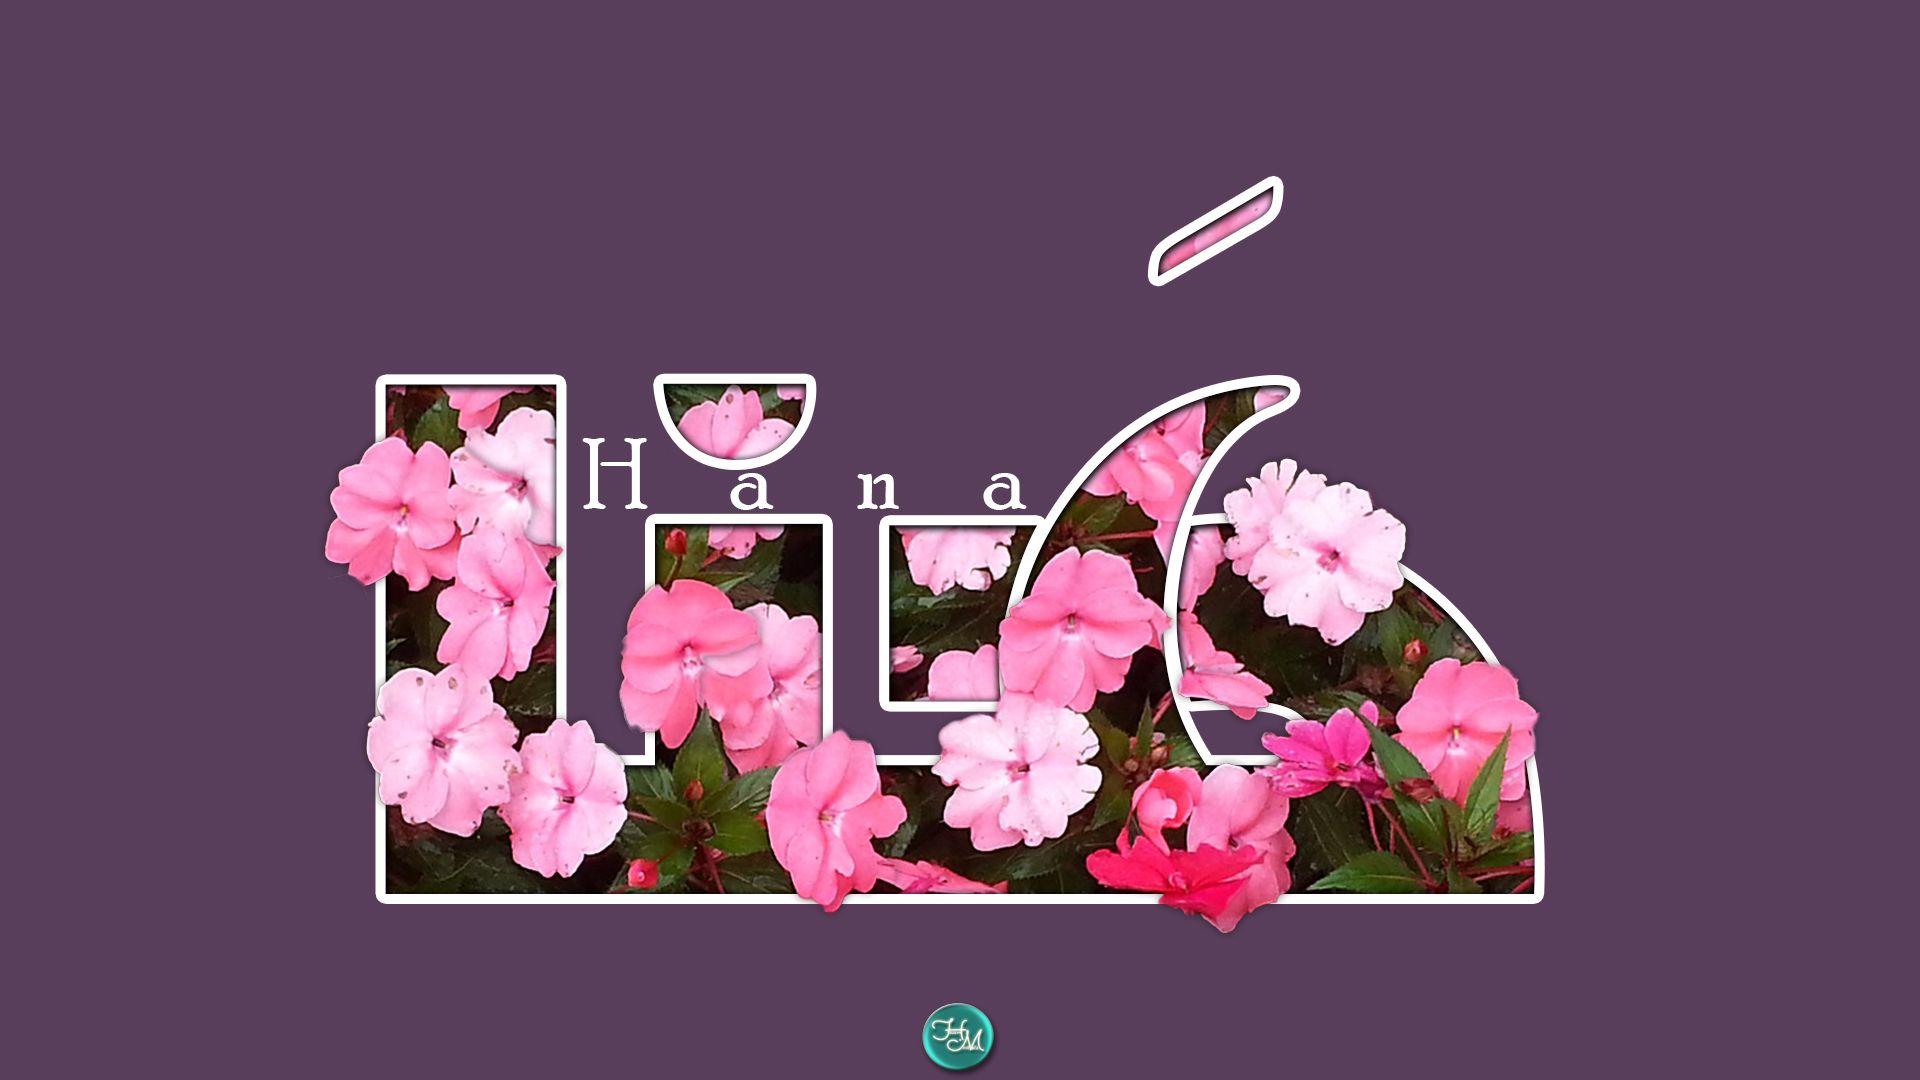 ه نا اسم علم مؤنث عربي معناه الفرح السعادة وح ذ ف ت الهمزة للتخفيف من أصل هناء ويبقى المعنى عليه هنا Hana Poster Arabic Quotes Movie Posters